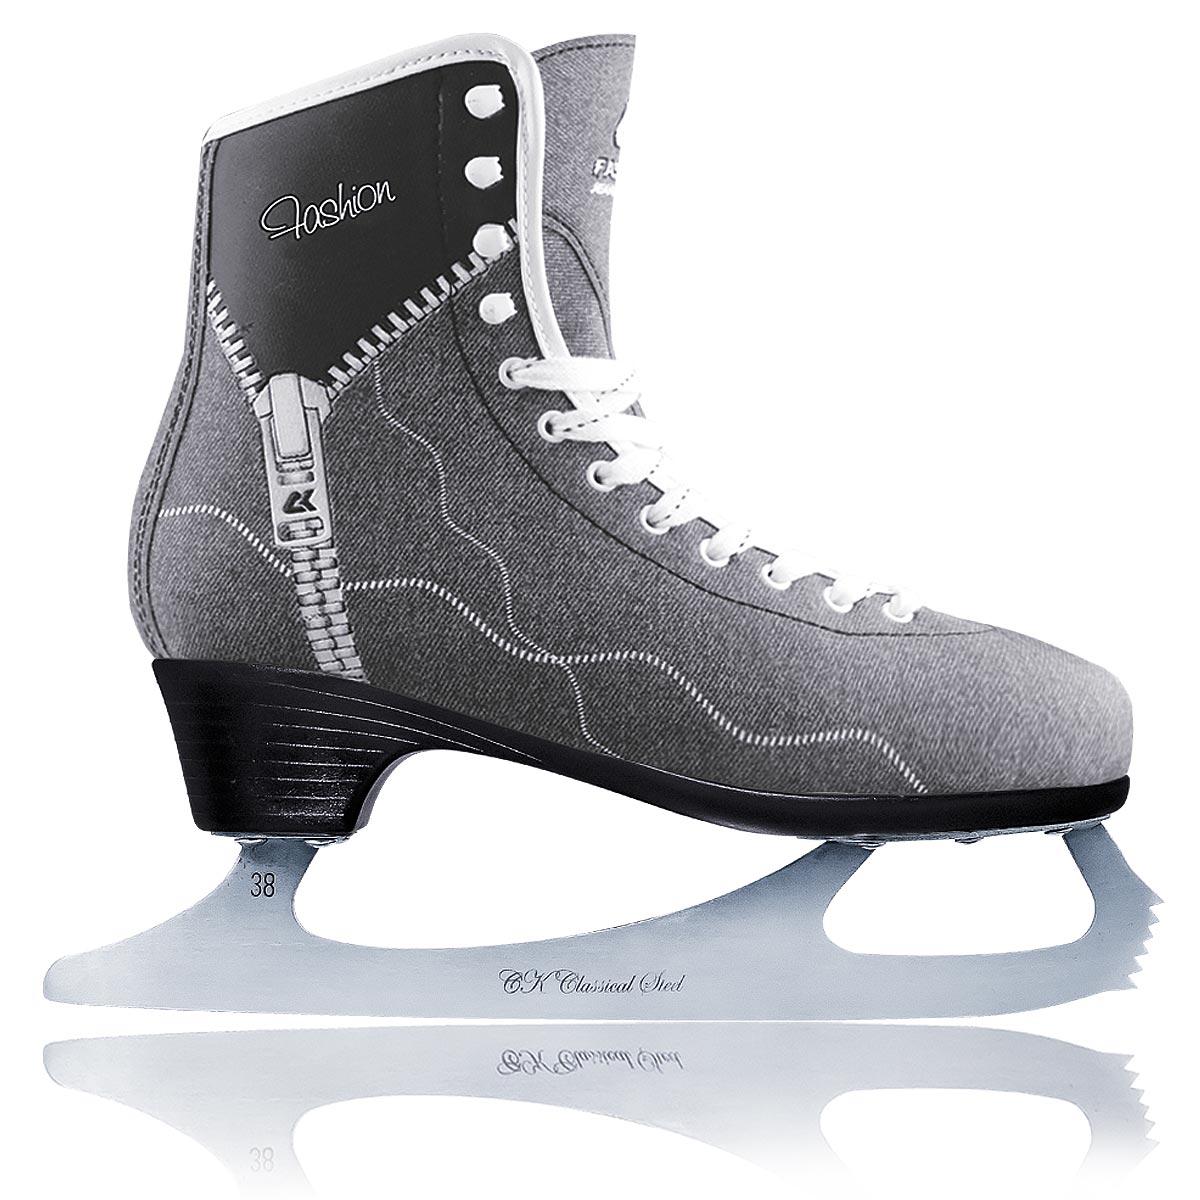 Коньки фигурные женские CK Fashion Lux Jeans, цвет: серый, черный. Размер 38FASHION LUX jeans_серый, черный_38Фигурные коньки от CK Fashion Lux Jeans идеально подойдут для любительского катания. Модель с высокой, плотной колодкой и усиленным задником, обеспечивающим боковую поддержку ноги, выполнена из синтетического материала на виниловой основе. Внутренняя поверхность отделана искусственным мехом. Анатомический язычок из войлока идеально облегает стопу и повышает комфорт. Стелька из упругого пенного полимерного материала EVA предназначена для быстрой адаптации ботинка к индивидуальным формам ноги и ее комфортного положения. Ботинок обеспечивает комфорт и устойчивость ноги, правильное распределение нагрузки, сильно снижает травмоопасность. Ботинок полностью обволакивает ногу, обеспечивает прочную и удобную фиксацию ноги, а также повышенную защиту от ударов. Модель фиксируется на ноге классической шнуровкой. Лезвие выполнено из нержавеющей стали, оно обладает высокой твердостью и долго держит заточку. Подошва Graceful обладает элегантным дизайном, повышенной твердостью и пониженным весом. Более высокий каблук делает ногу более изящной и стройной, а также повышает управляемость и маневренность конька.